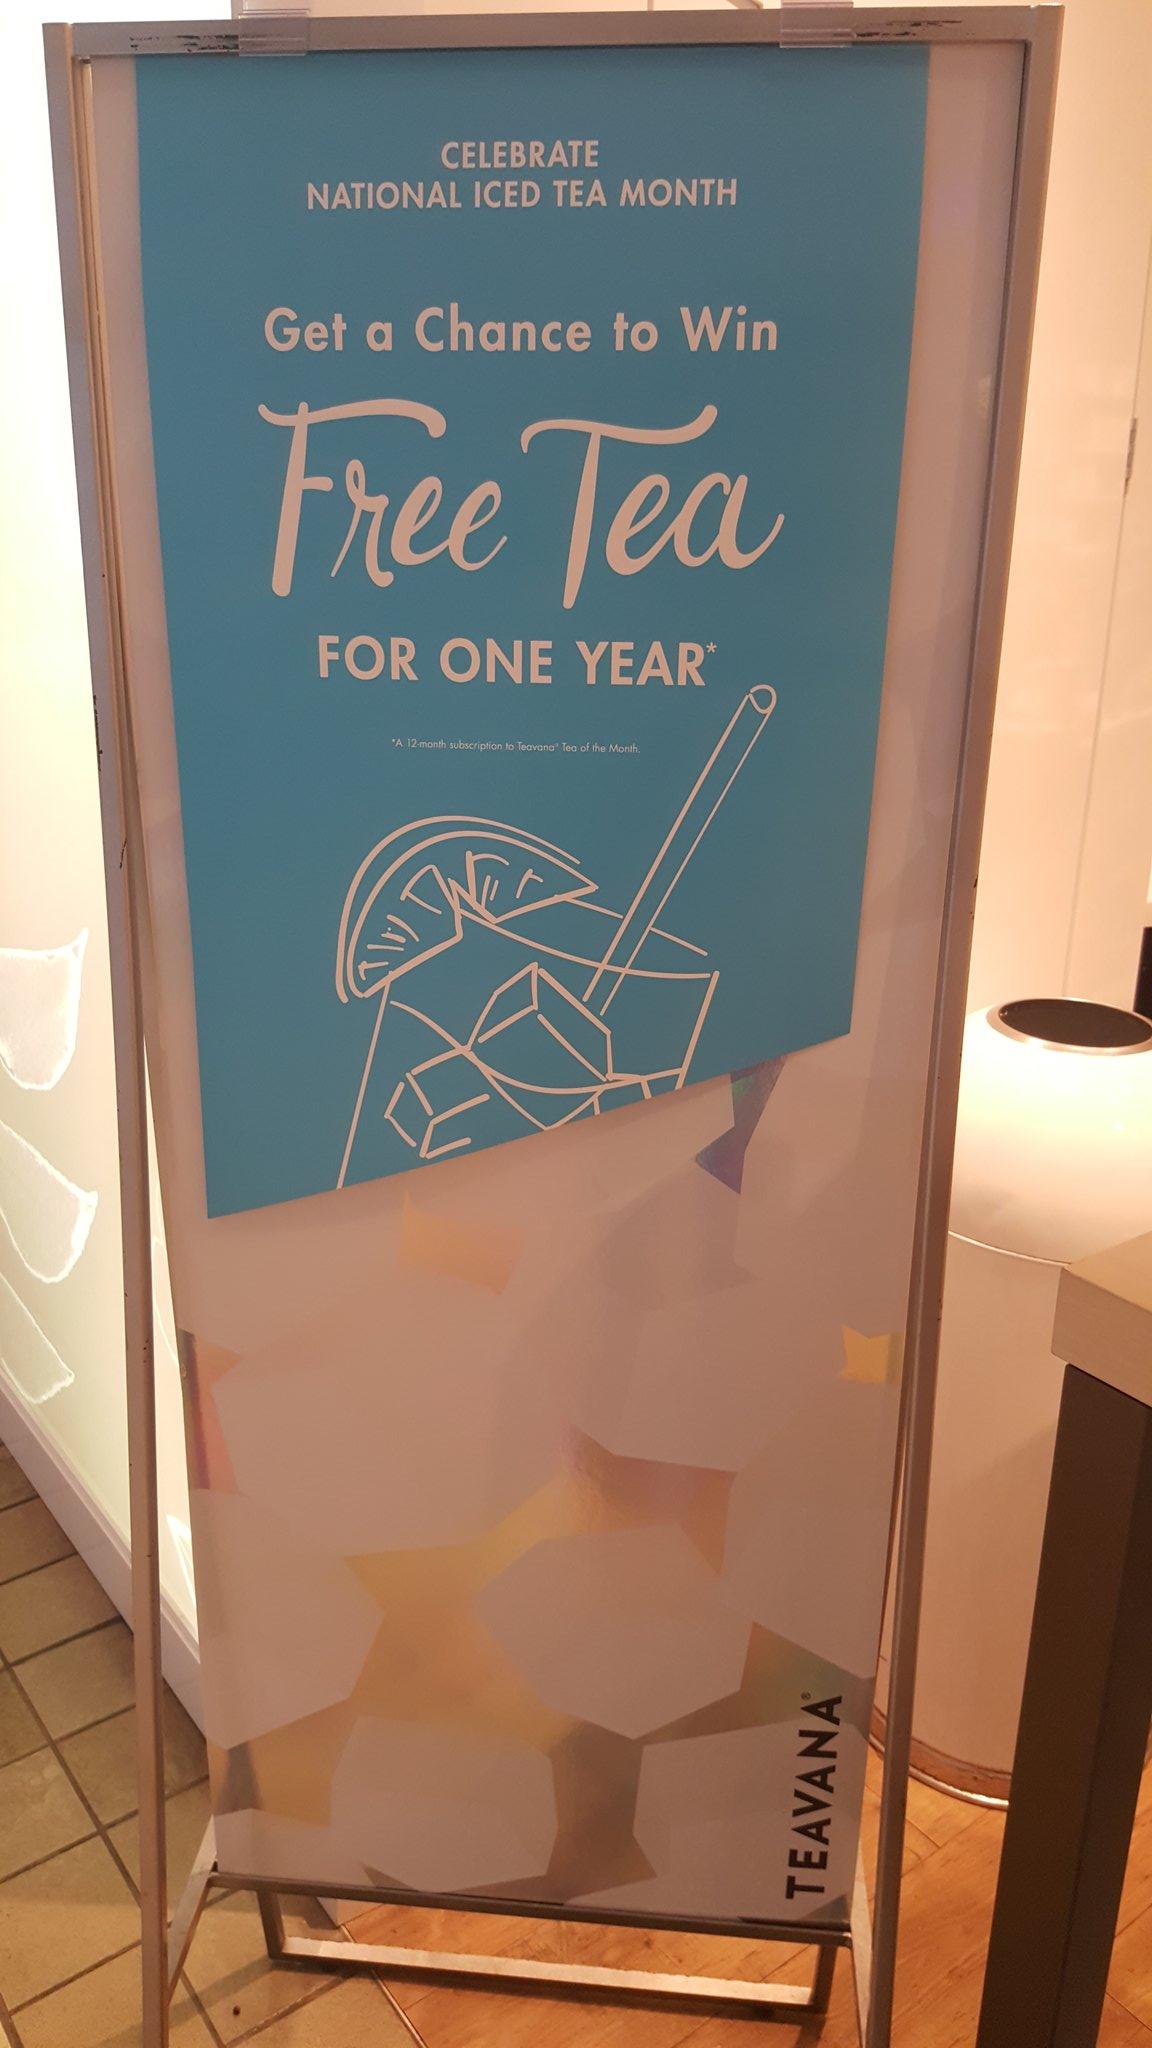 dUEhMXN2 free tea for life.jpg